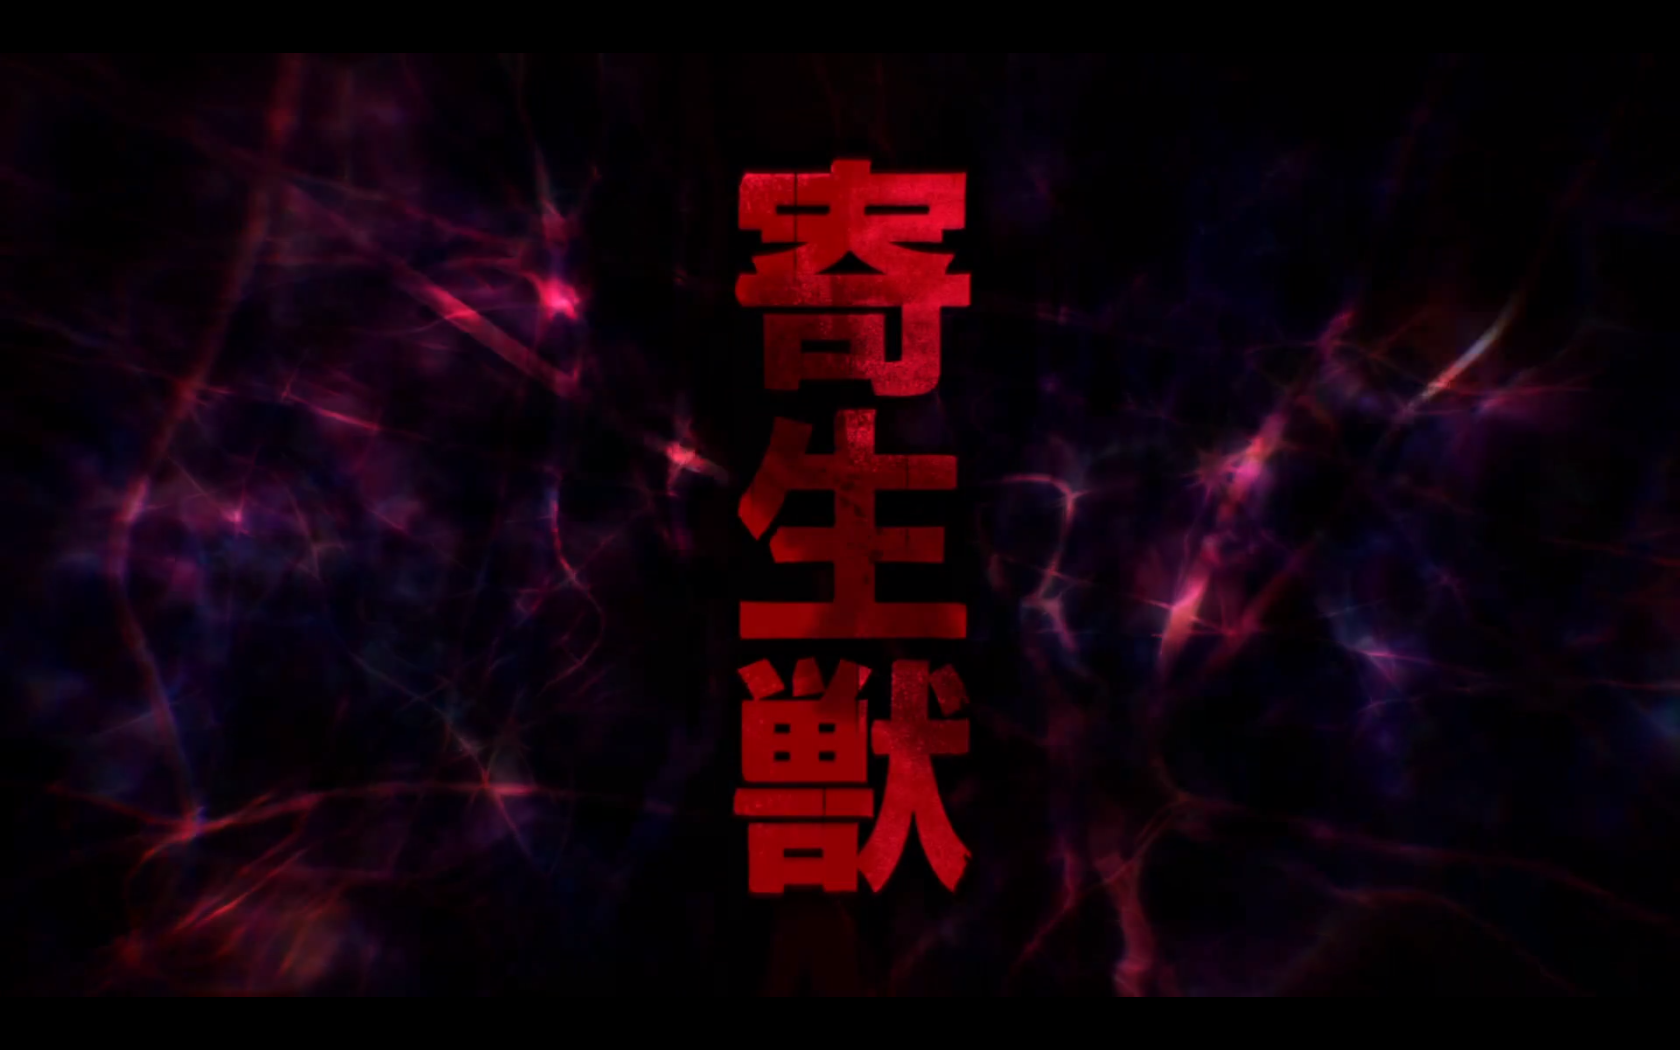 Autors Parasyte Parasyte the maxim  Anime kas ir ce uz Gada 1680x1050